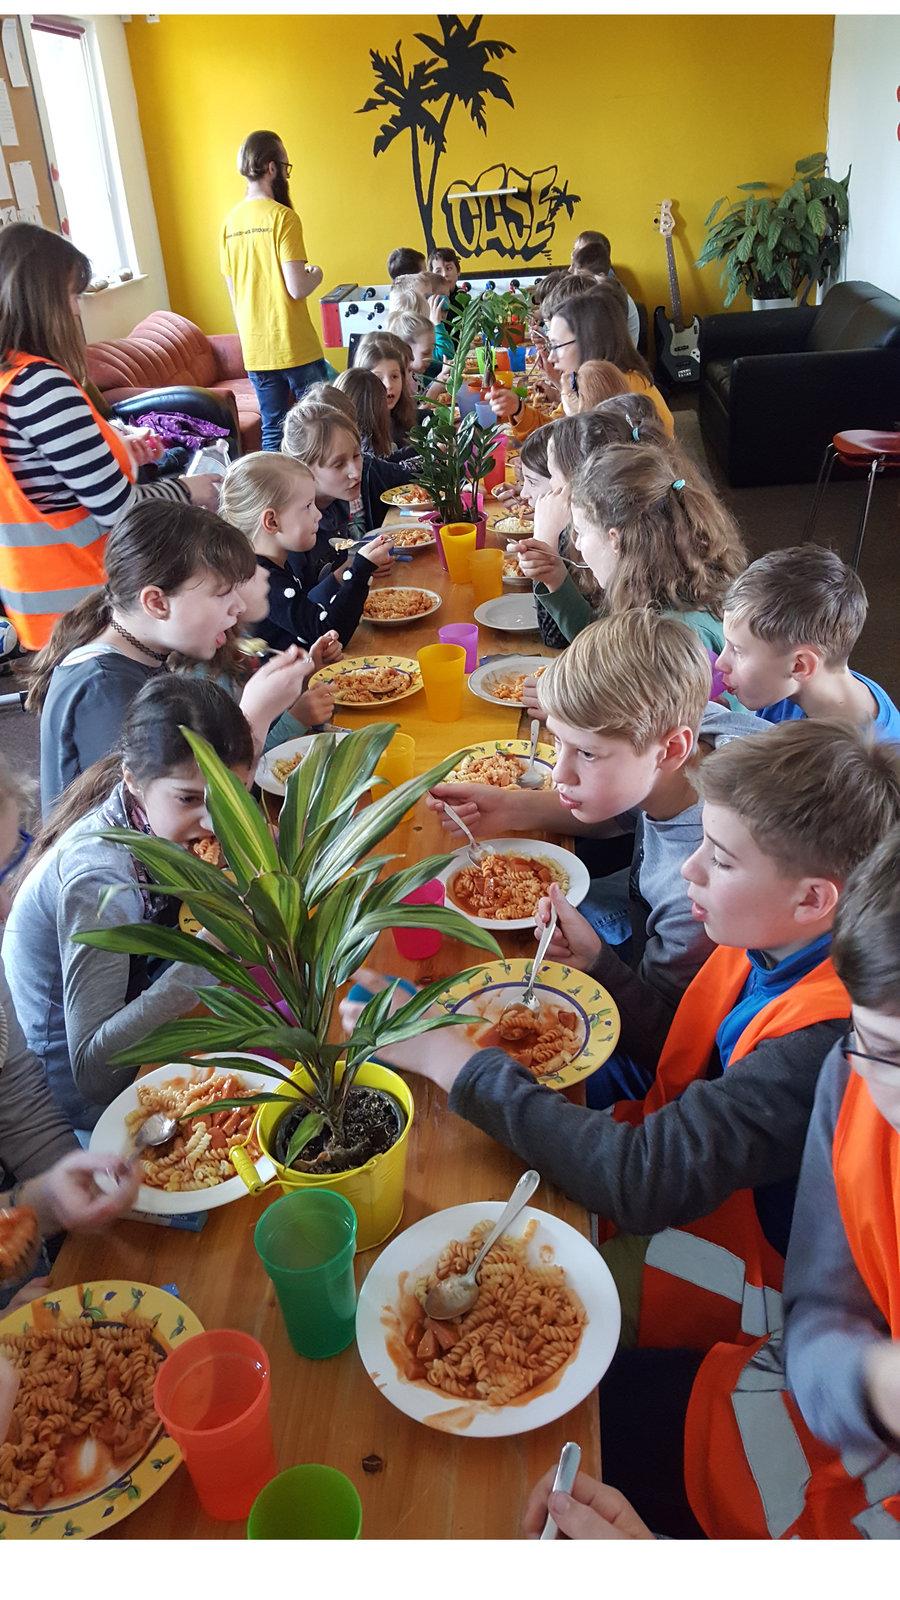 Mittagspause am Lego-Tag: Kinder essen in der OASE.